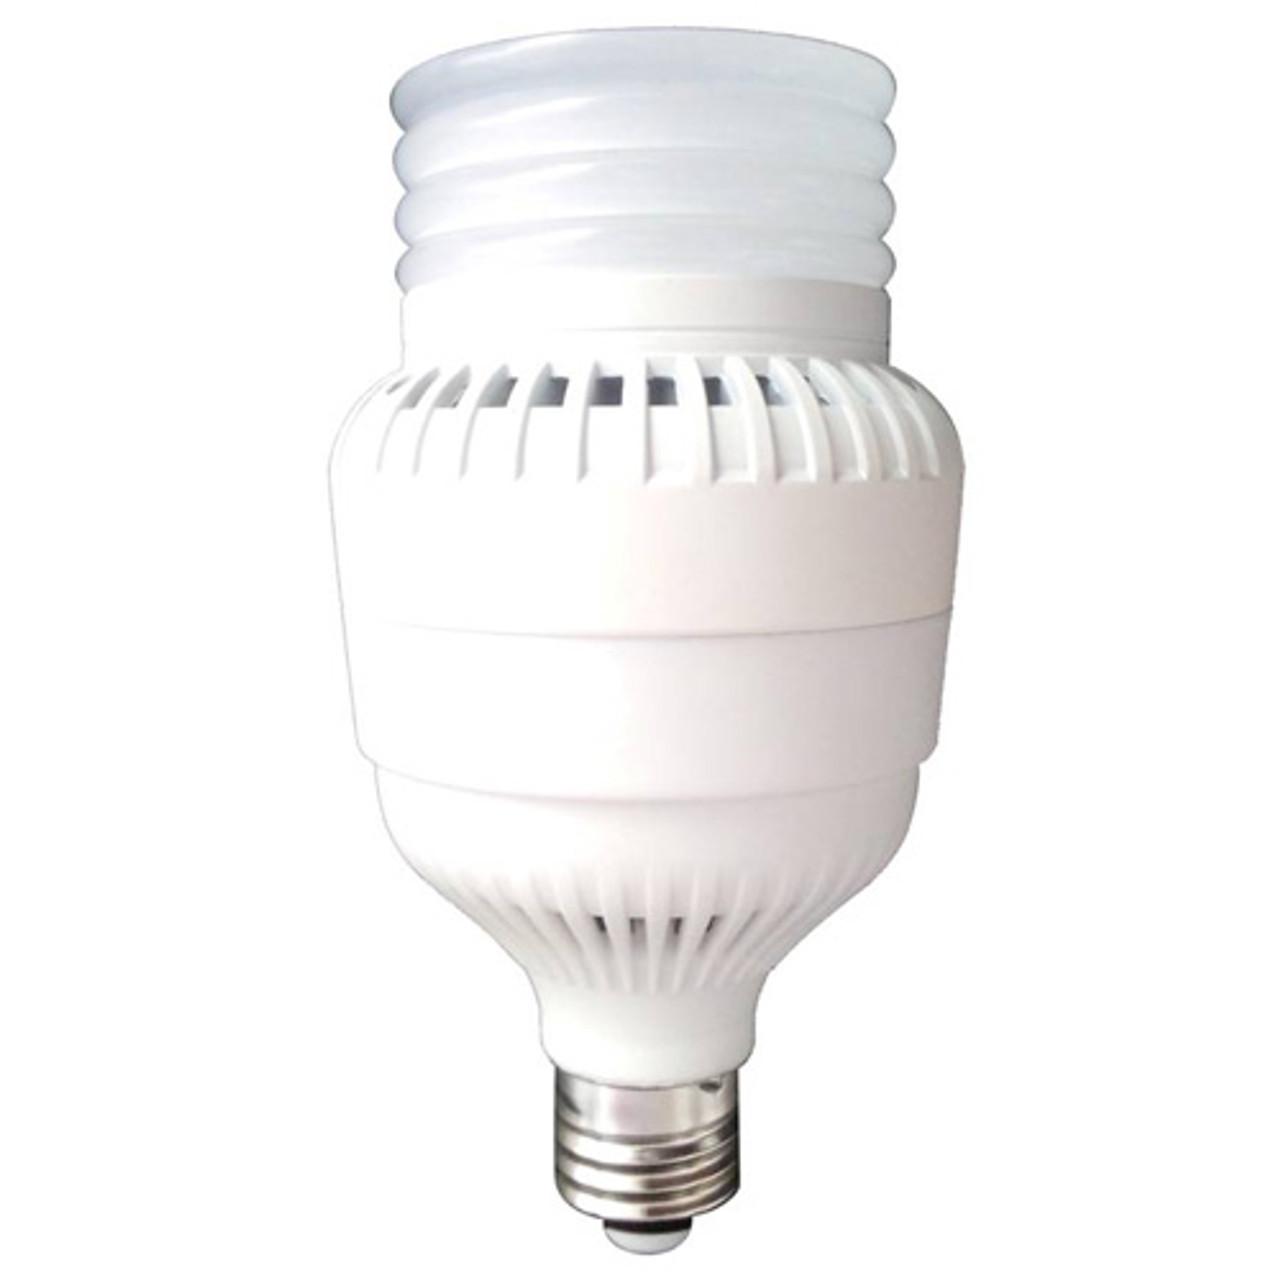 50w LED Light Bulb